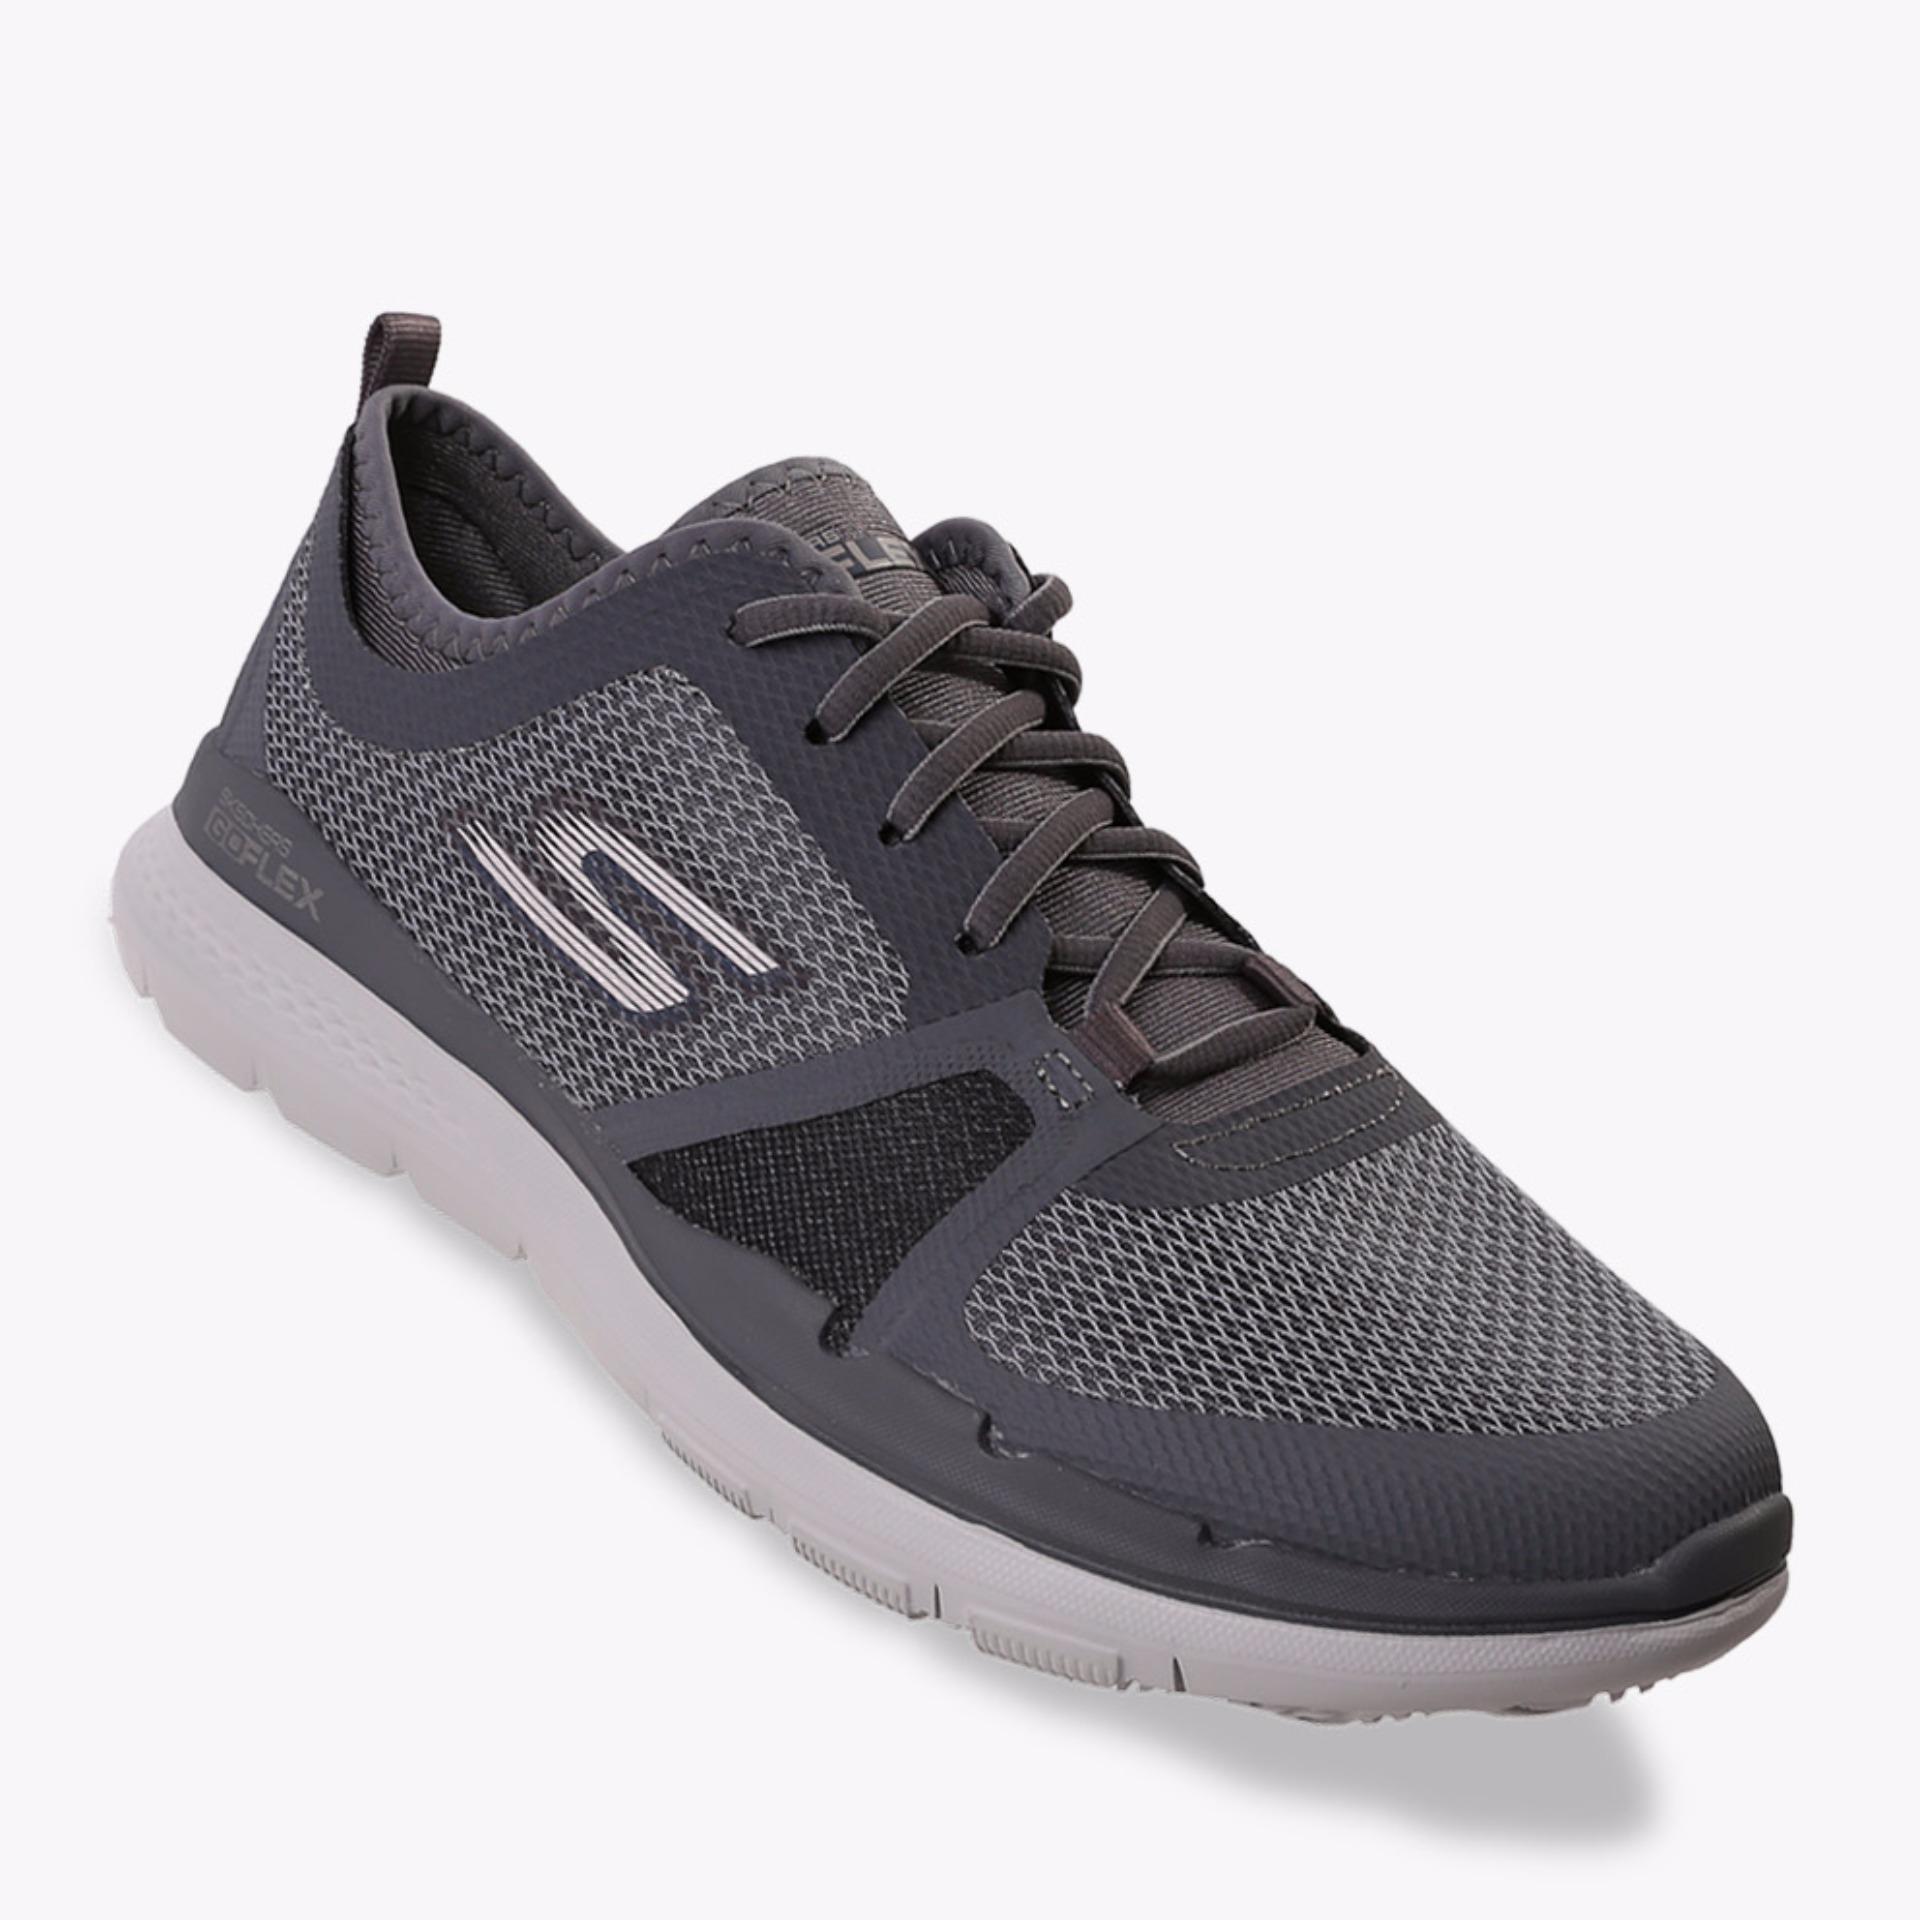 Beli Skechers Go Flex Train Conquer Men S Sneakers Shoes Abu Abu Murah